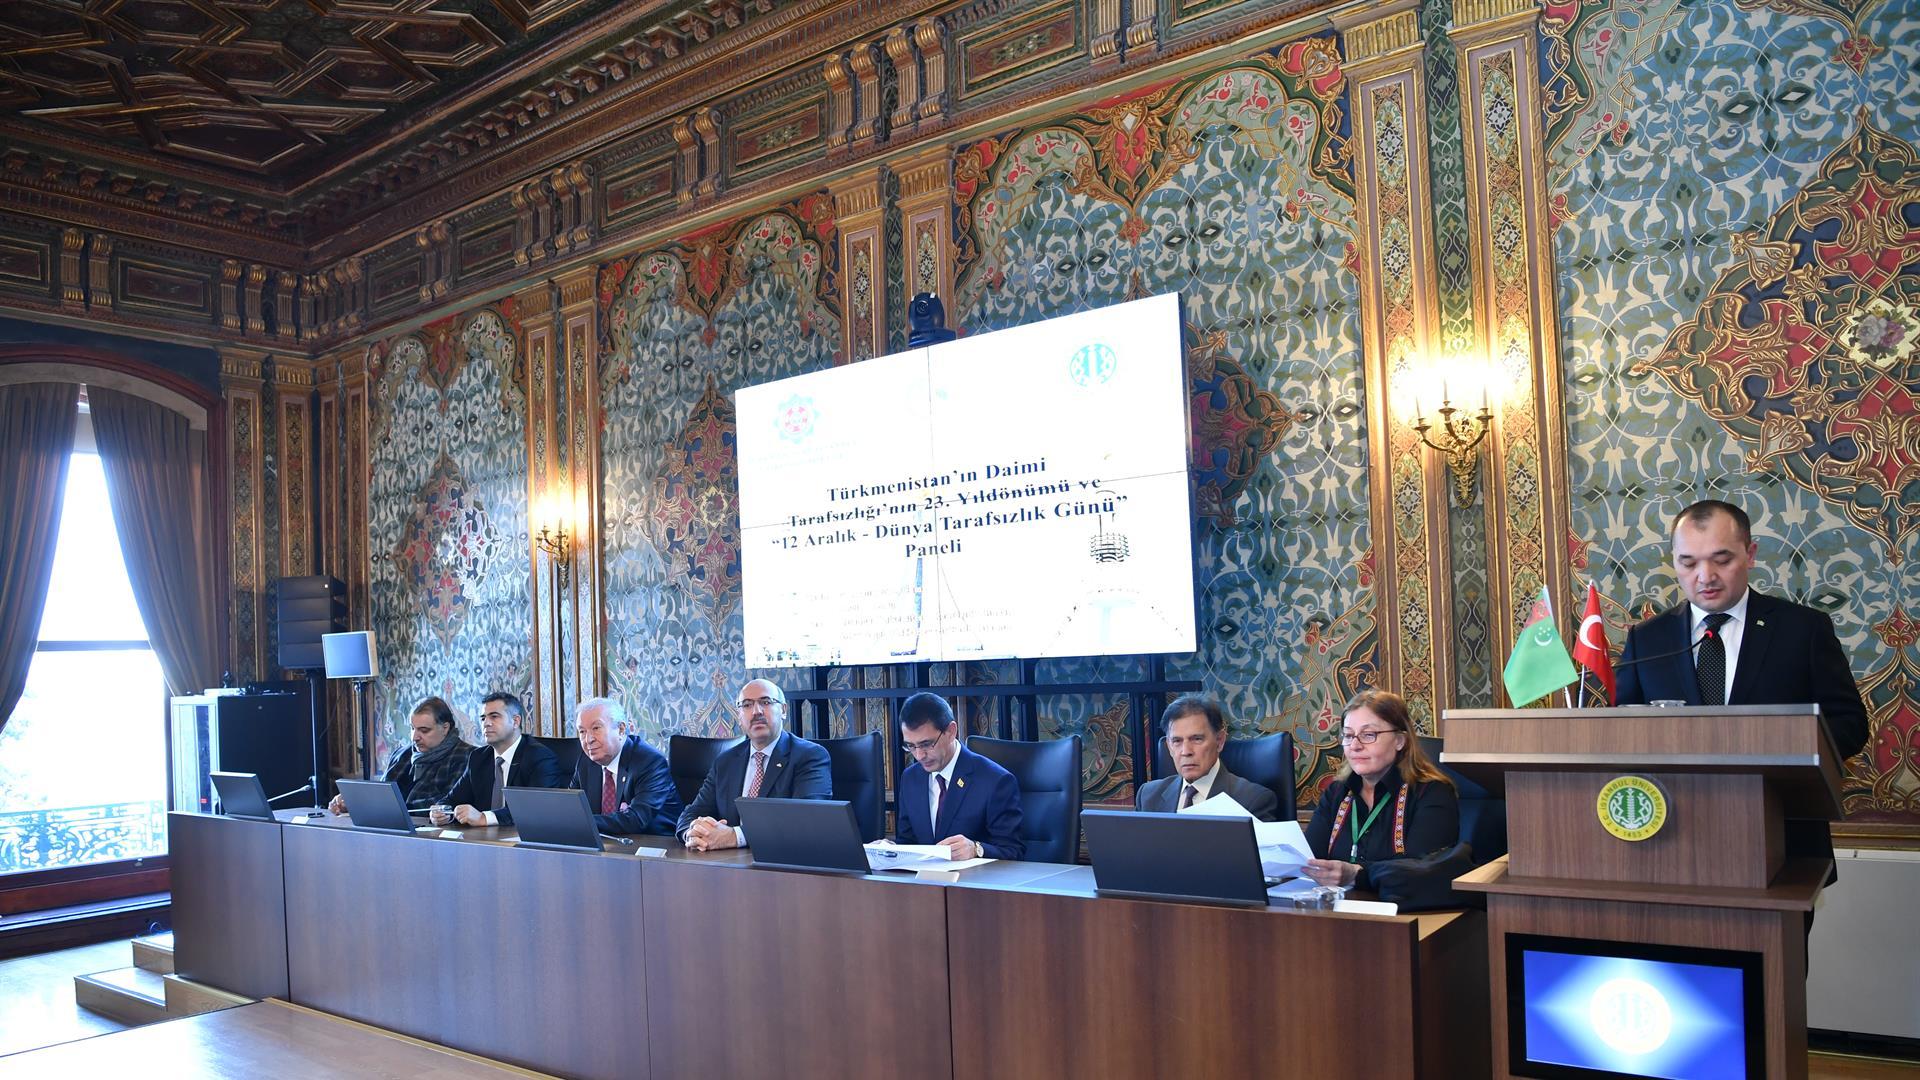 Türkmenistan'ın-Daimî-Tarafsızlığı'nın-23.-Yıl-Dönümü-ve-12-Aralık-Dünya-Tarafsızlık-Günü-Paneli-İstanbul-Üniversitesi'nde-Gerçekleştirildi